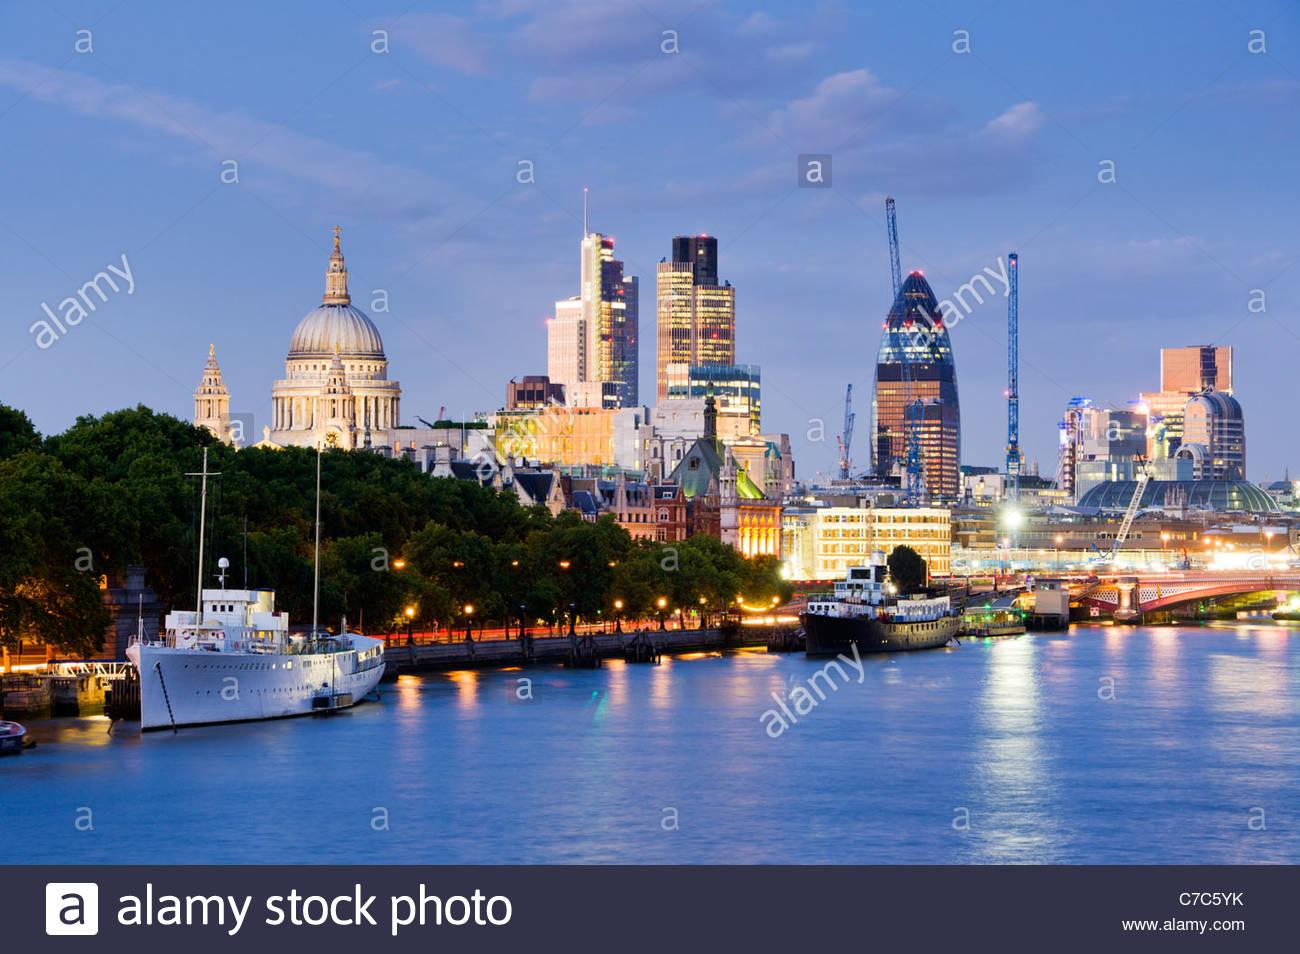 Lo skyline della città dal fiume Thames, London. Foto Stock